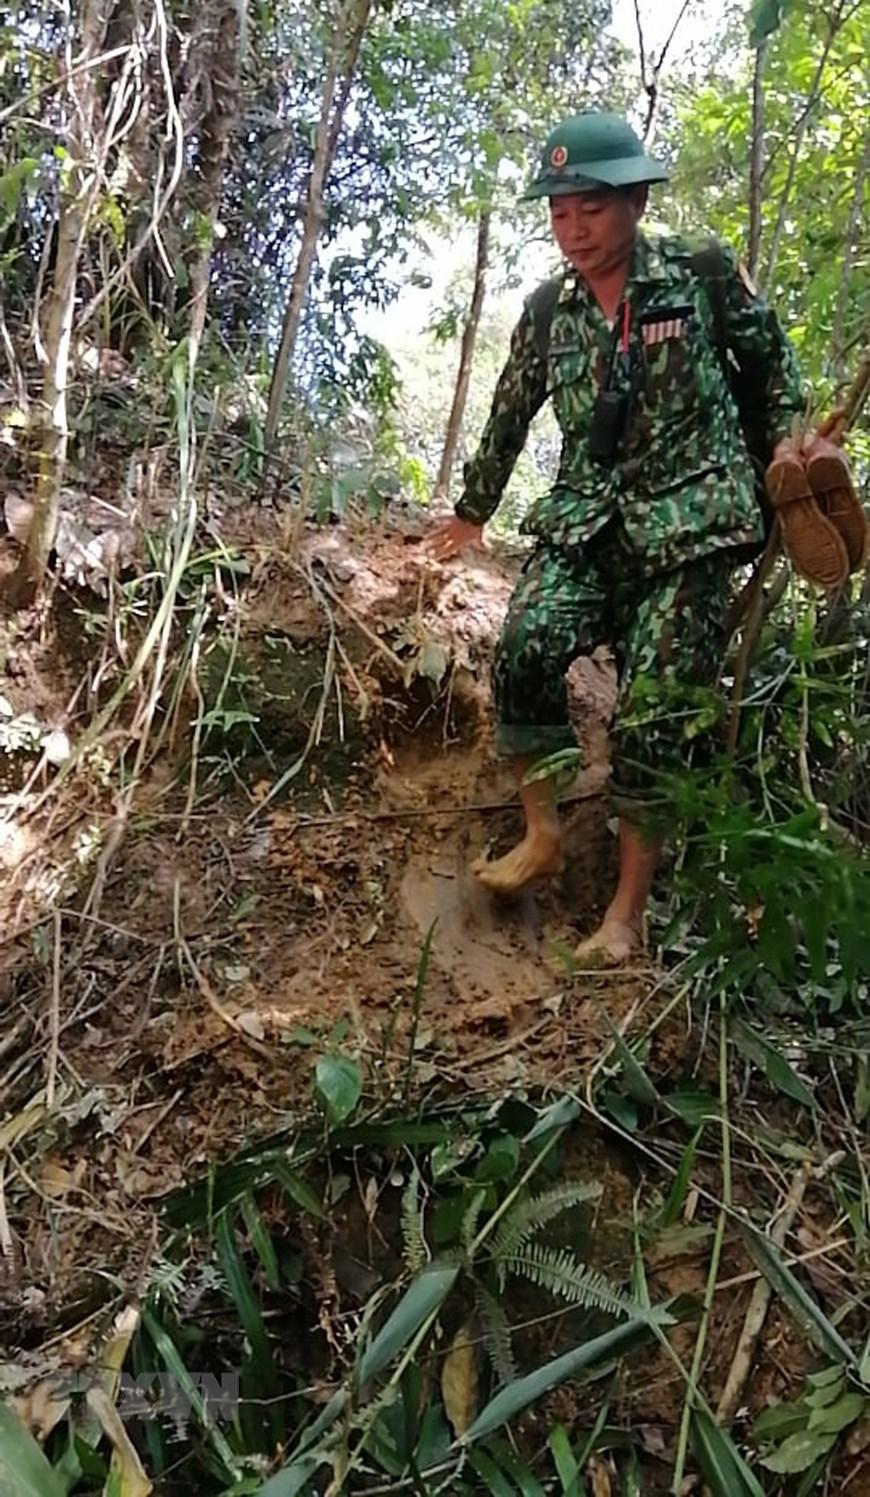 Bộ đội Biên phòng Quảng Trị đi bộ băng rừng 30km để vào xã Hướng Việt. (Ảnh: TTXVN phát)